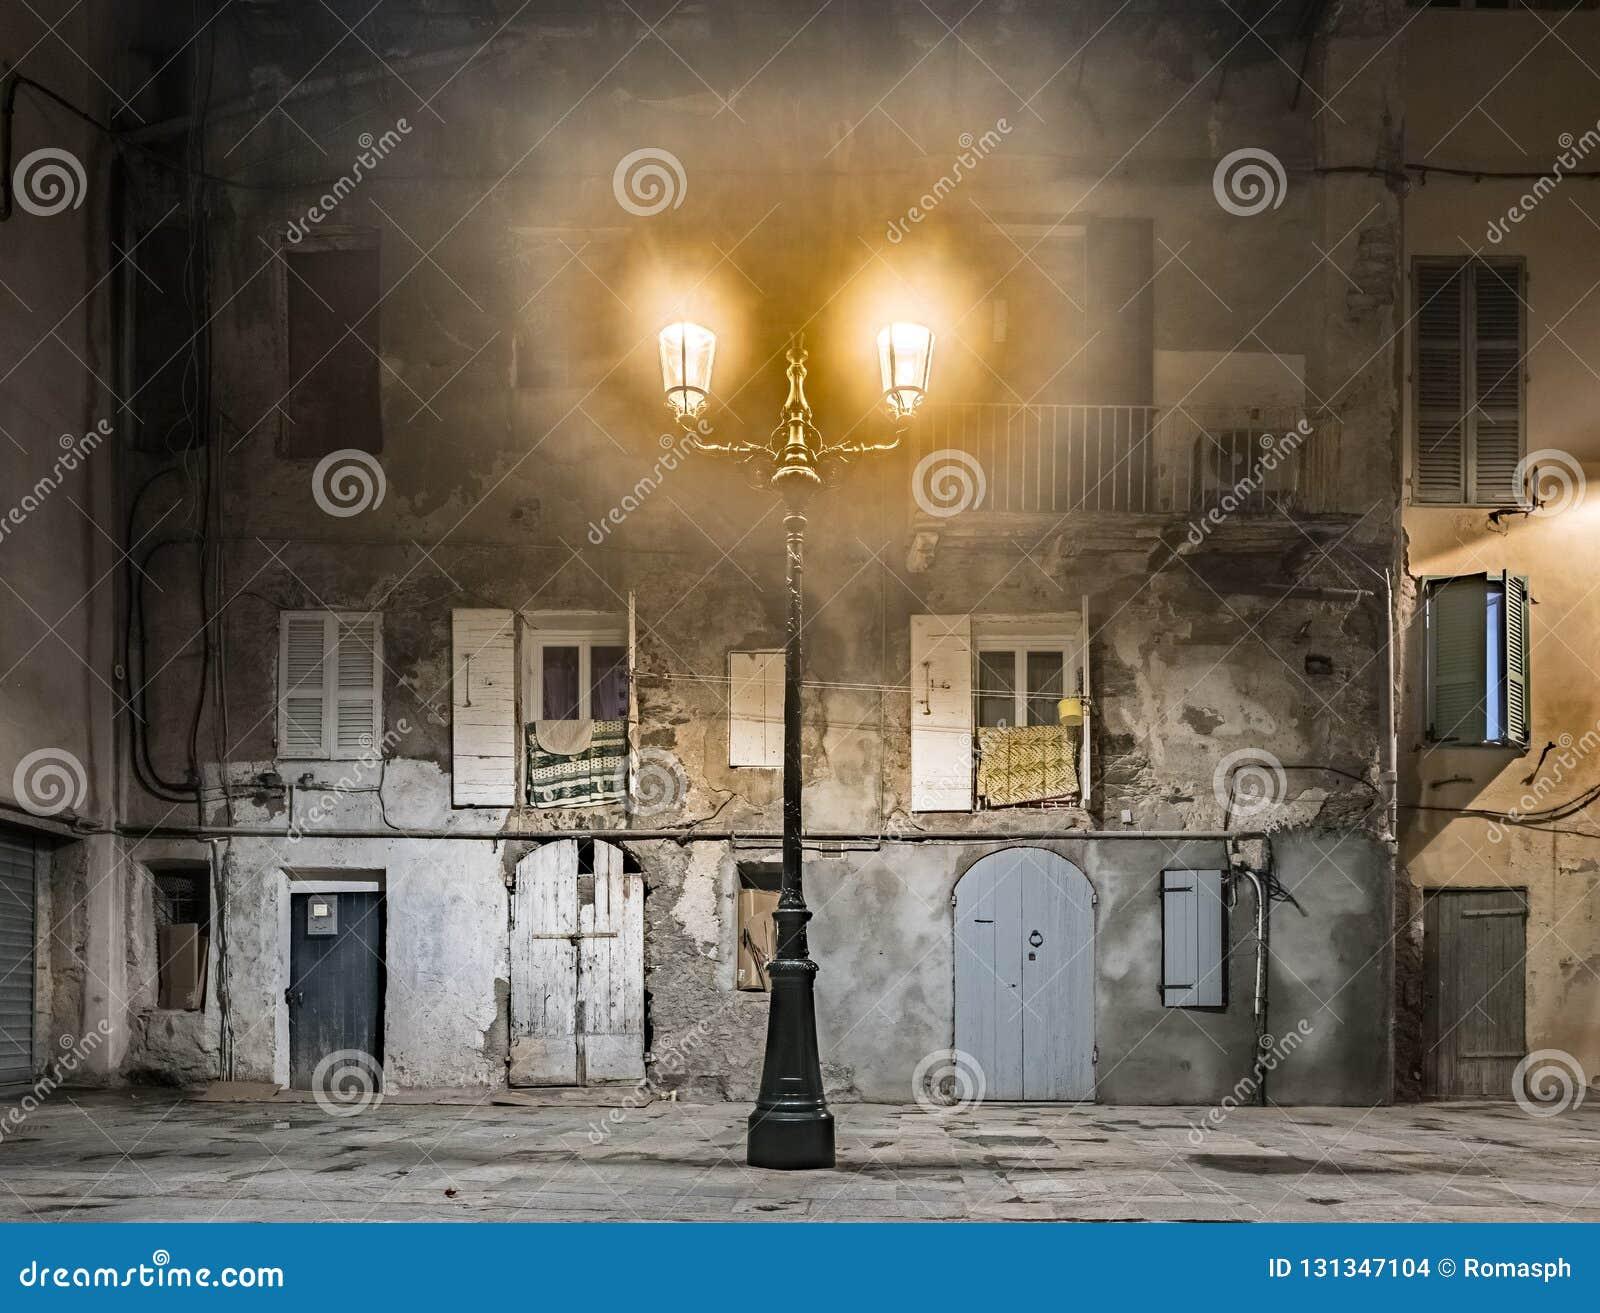 Винтажный фонарик против старой стены в Европе